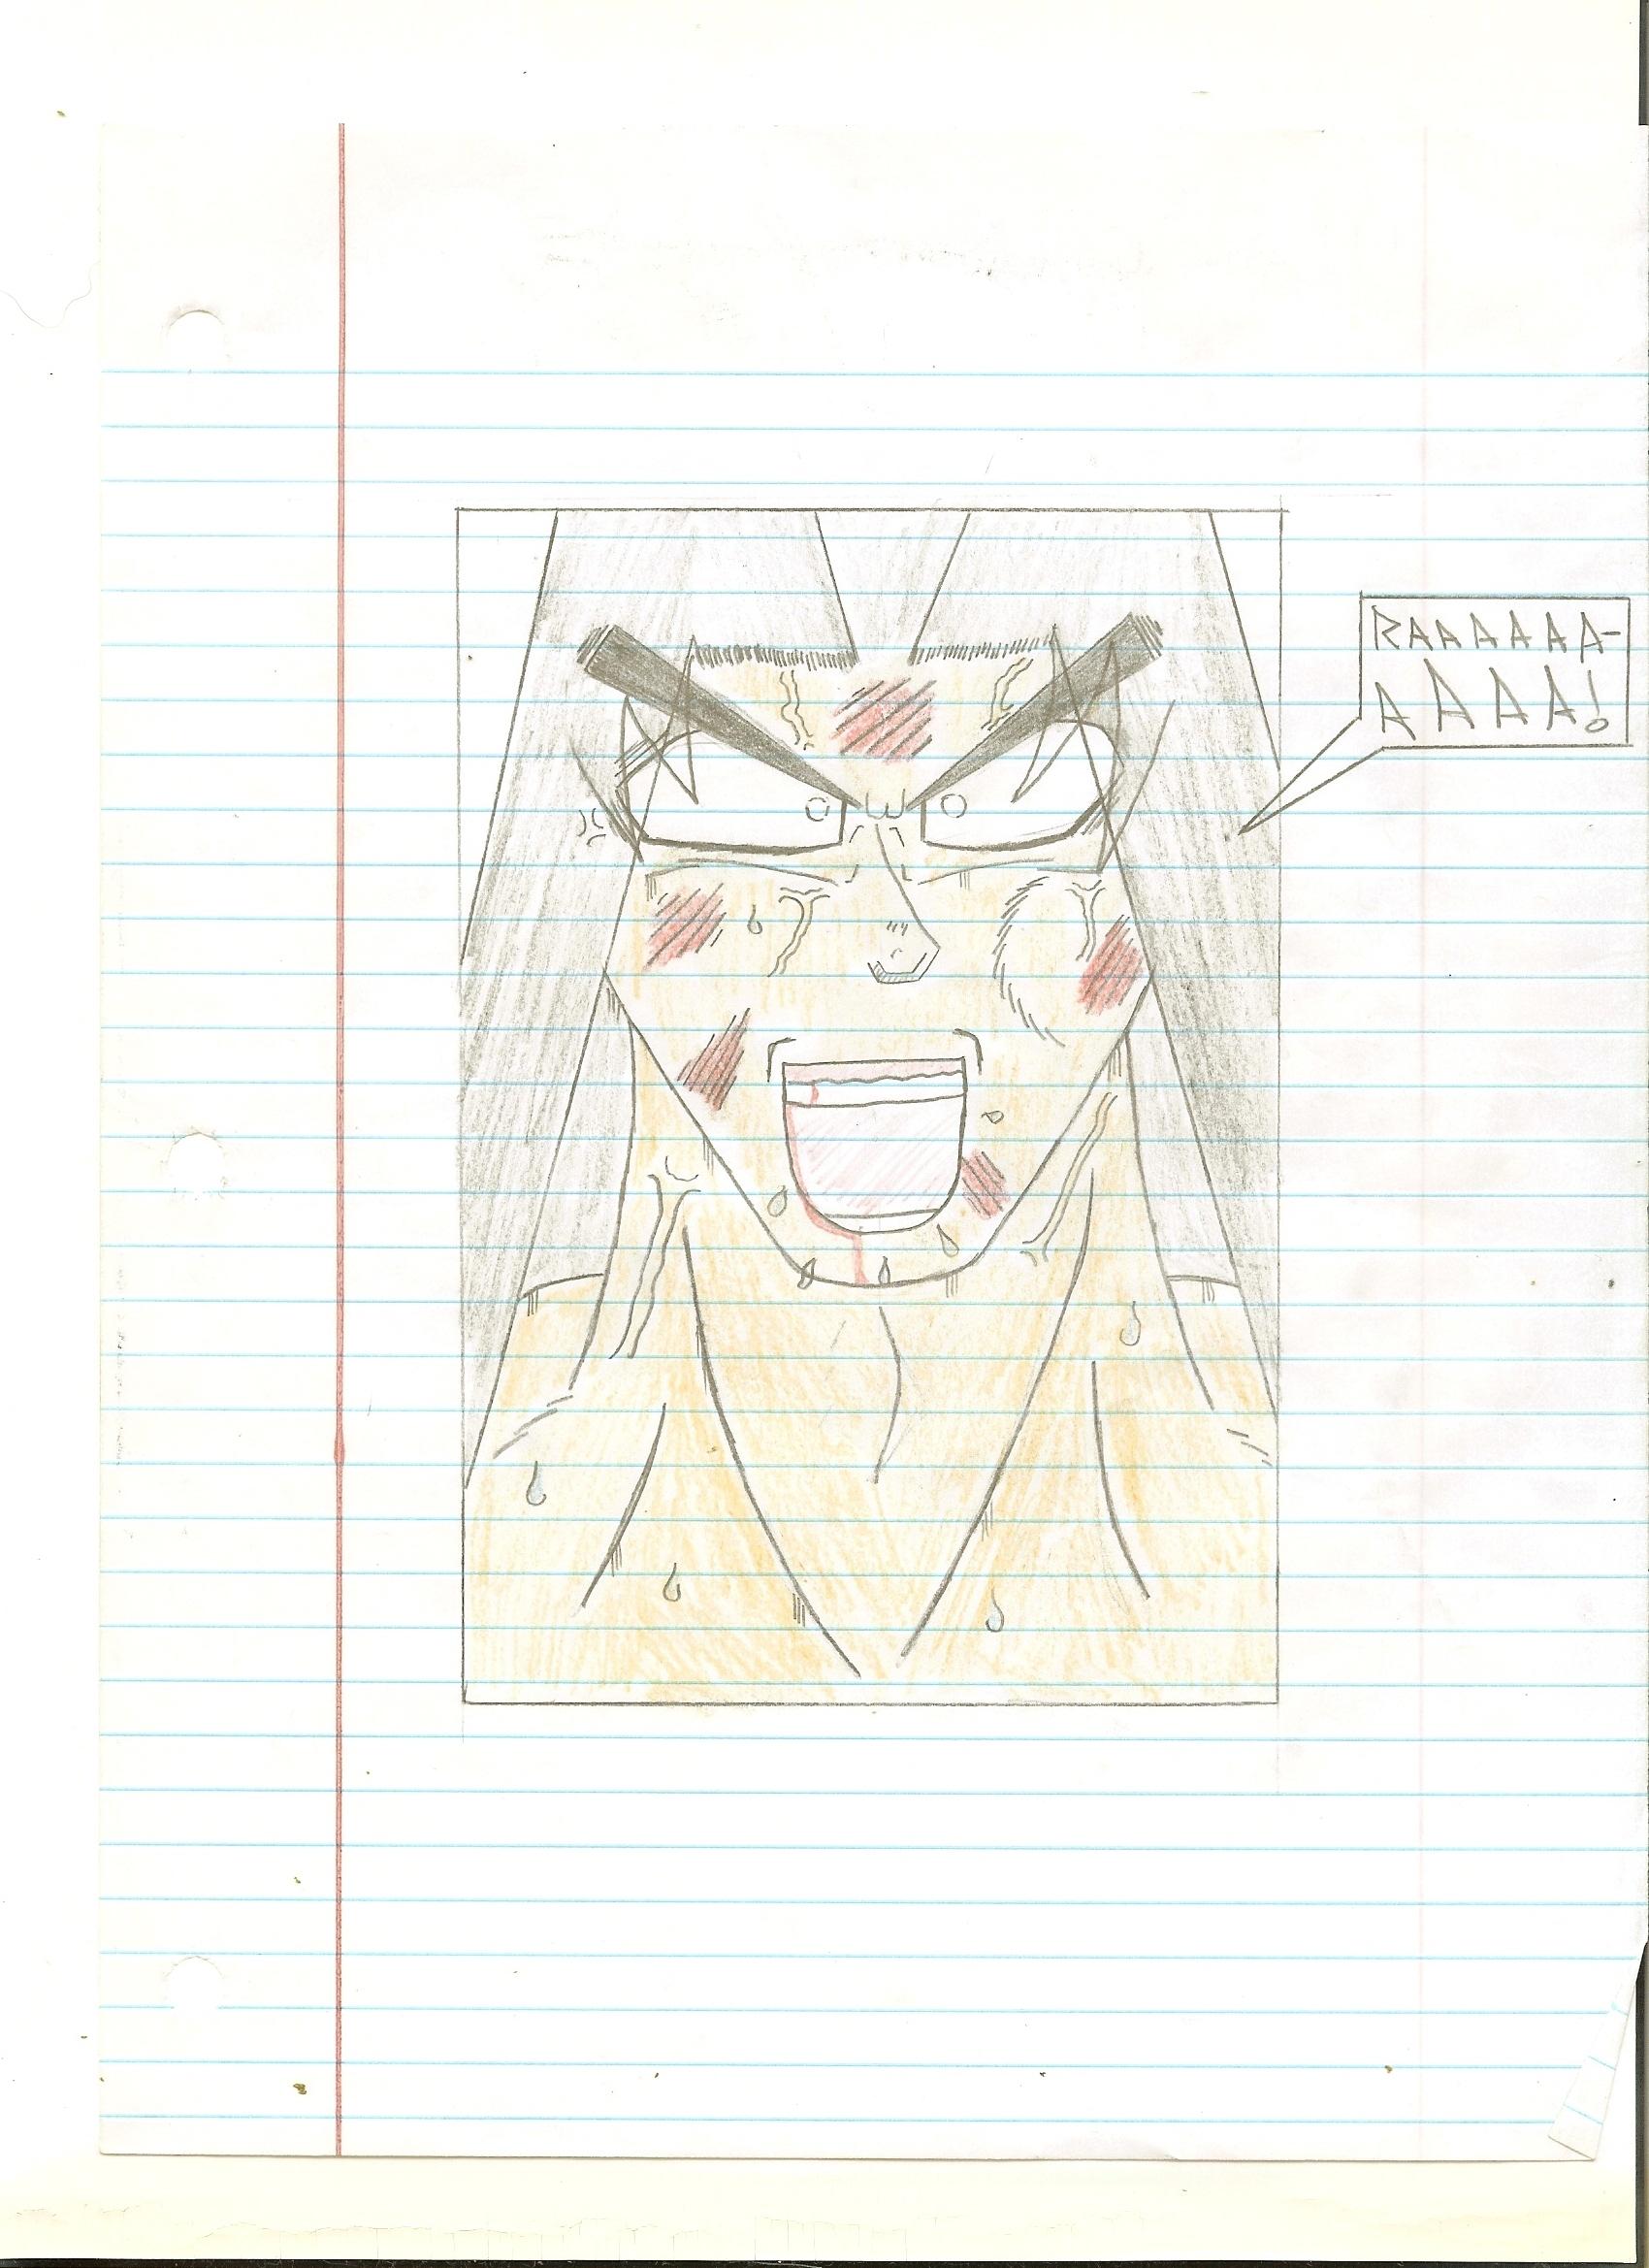 Fan DBZ Comic Page 6 - Genesis